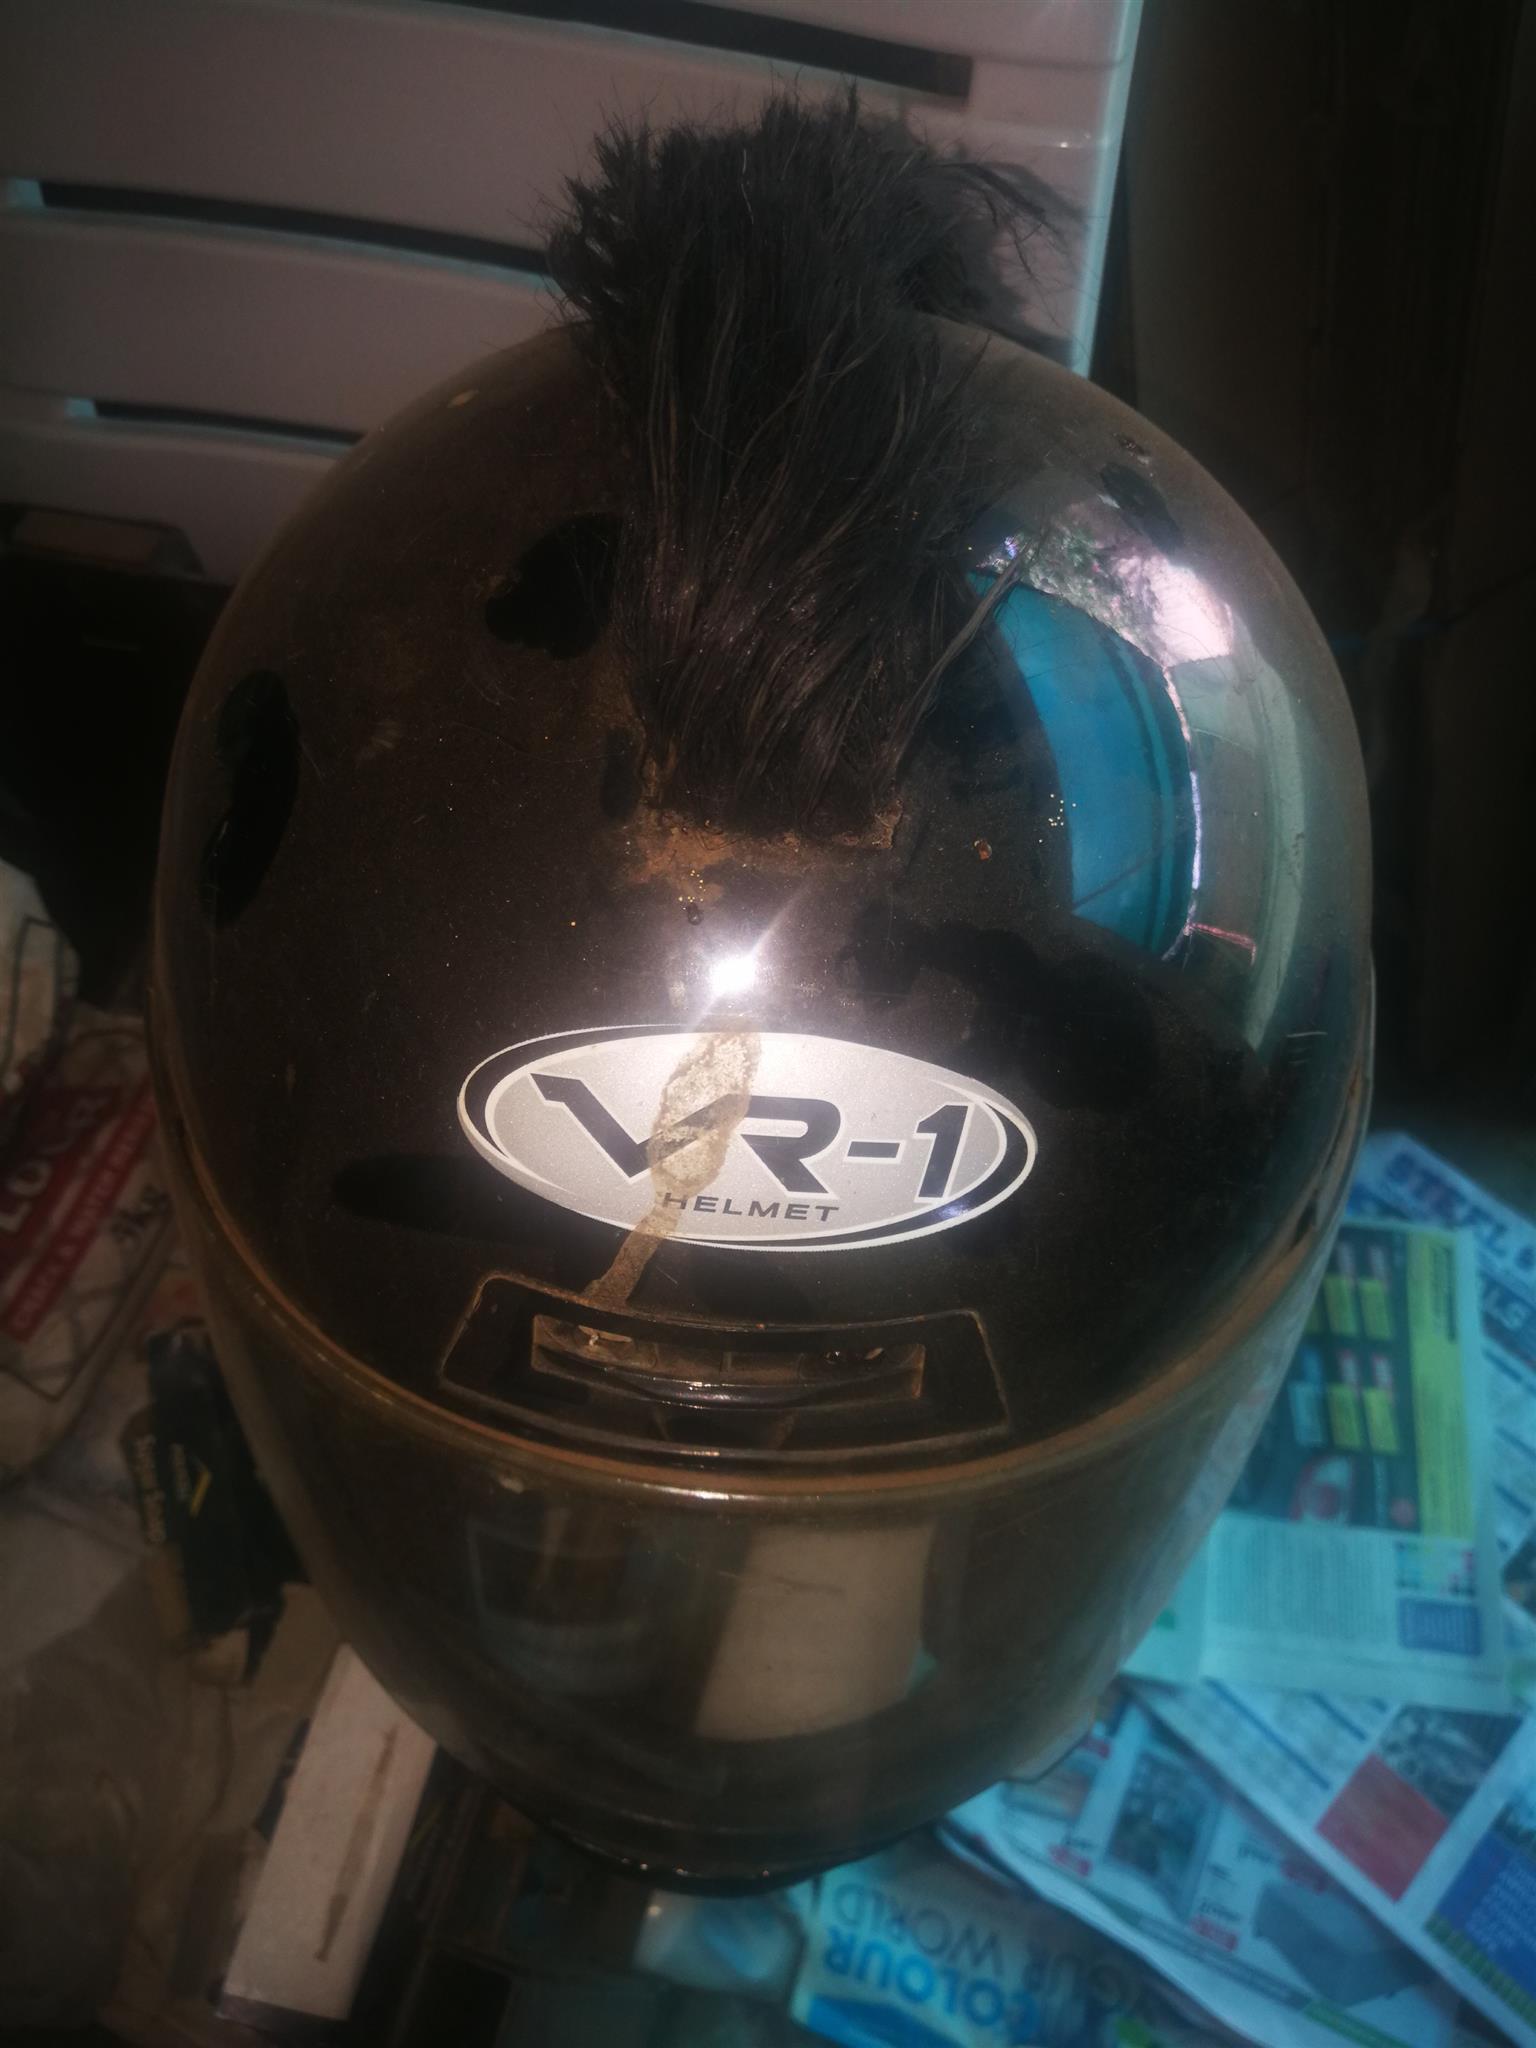 VR-1 crash helmet for sale